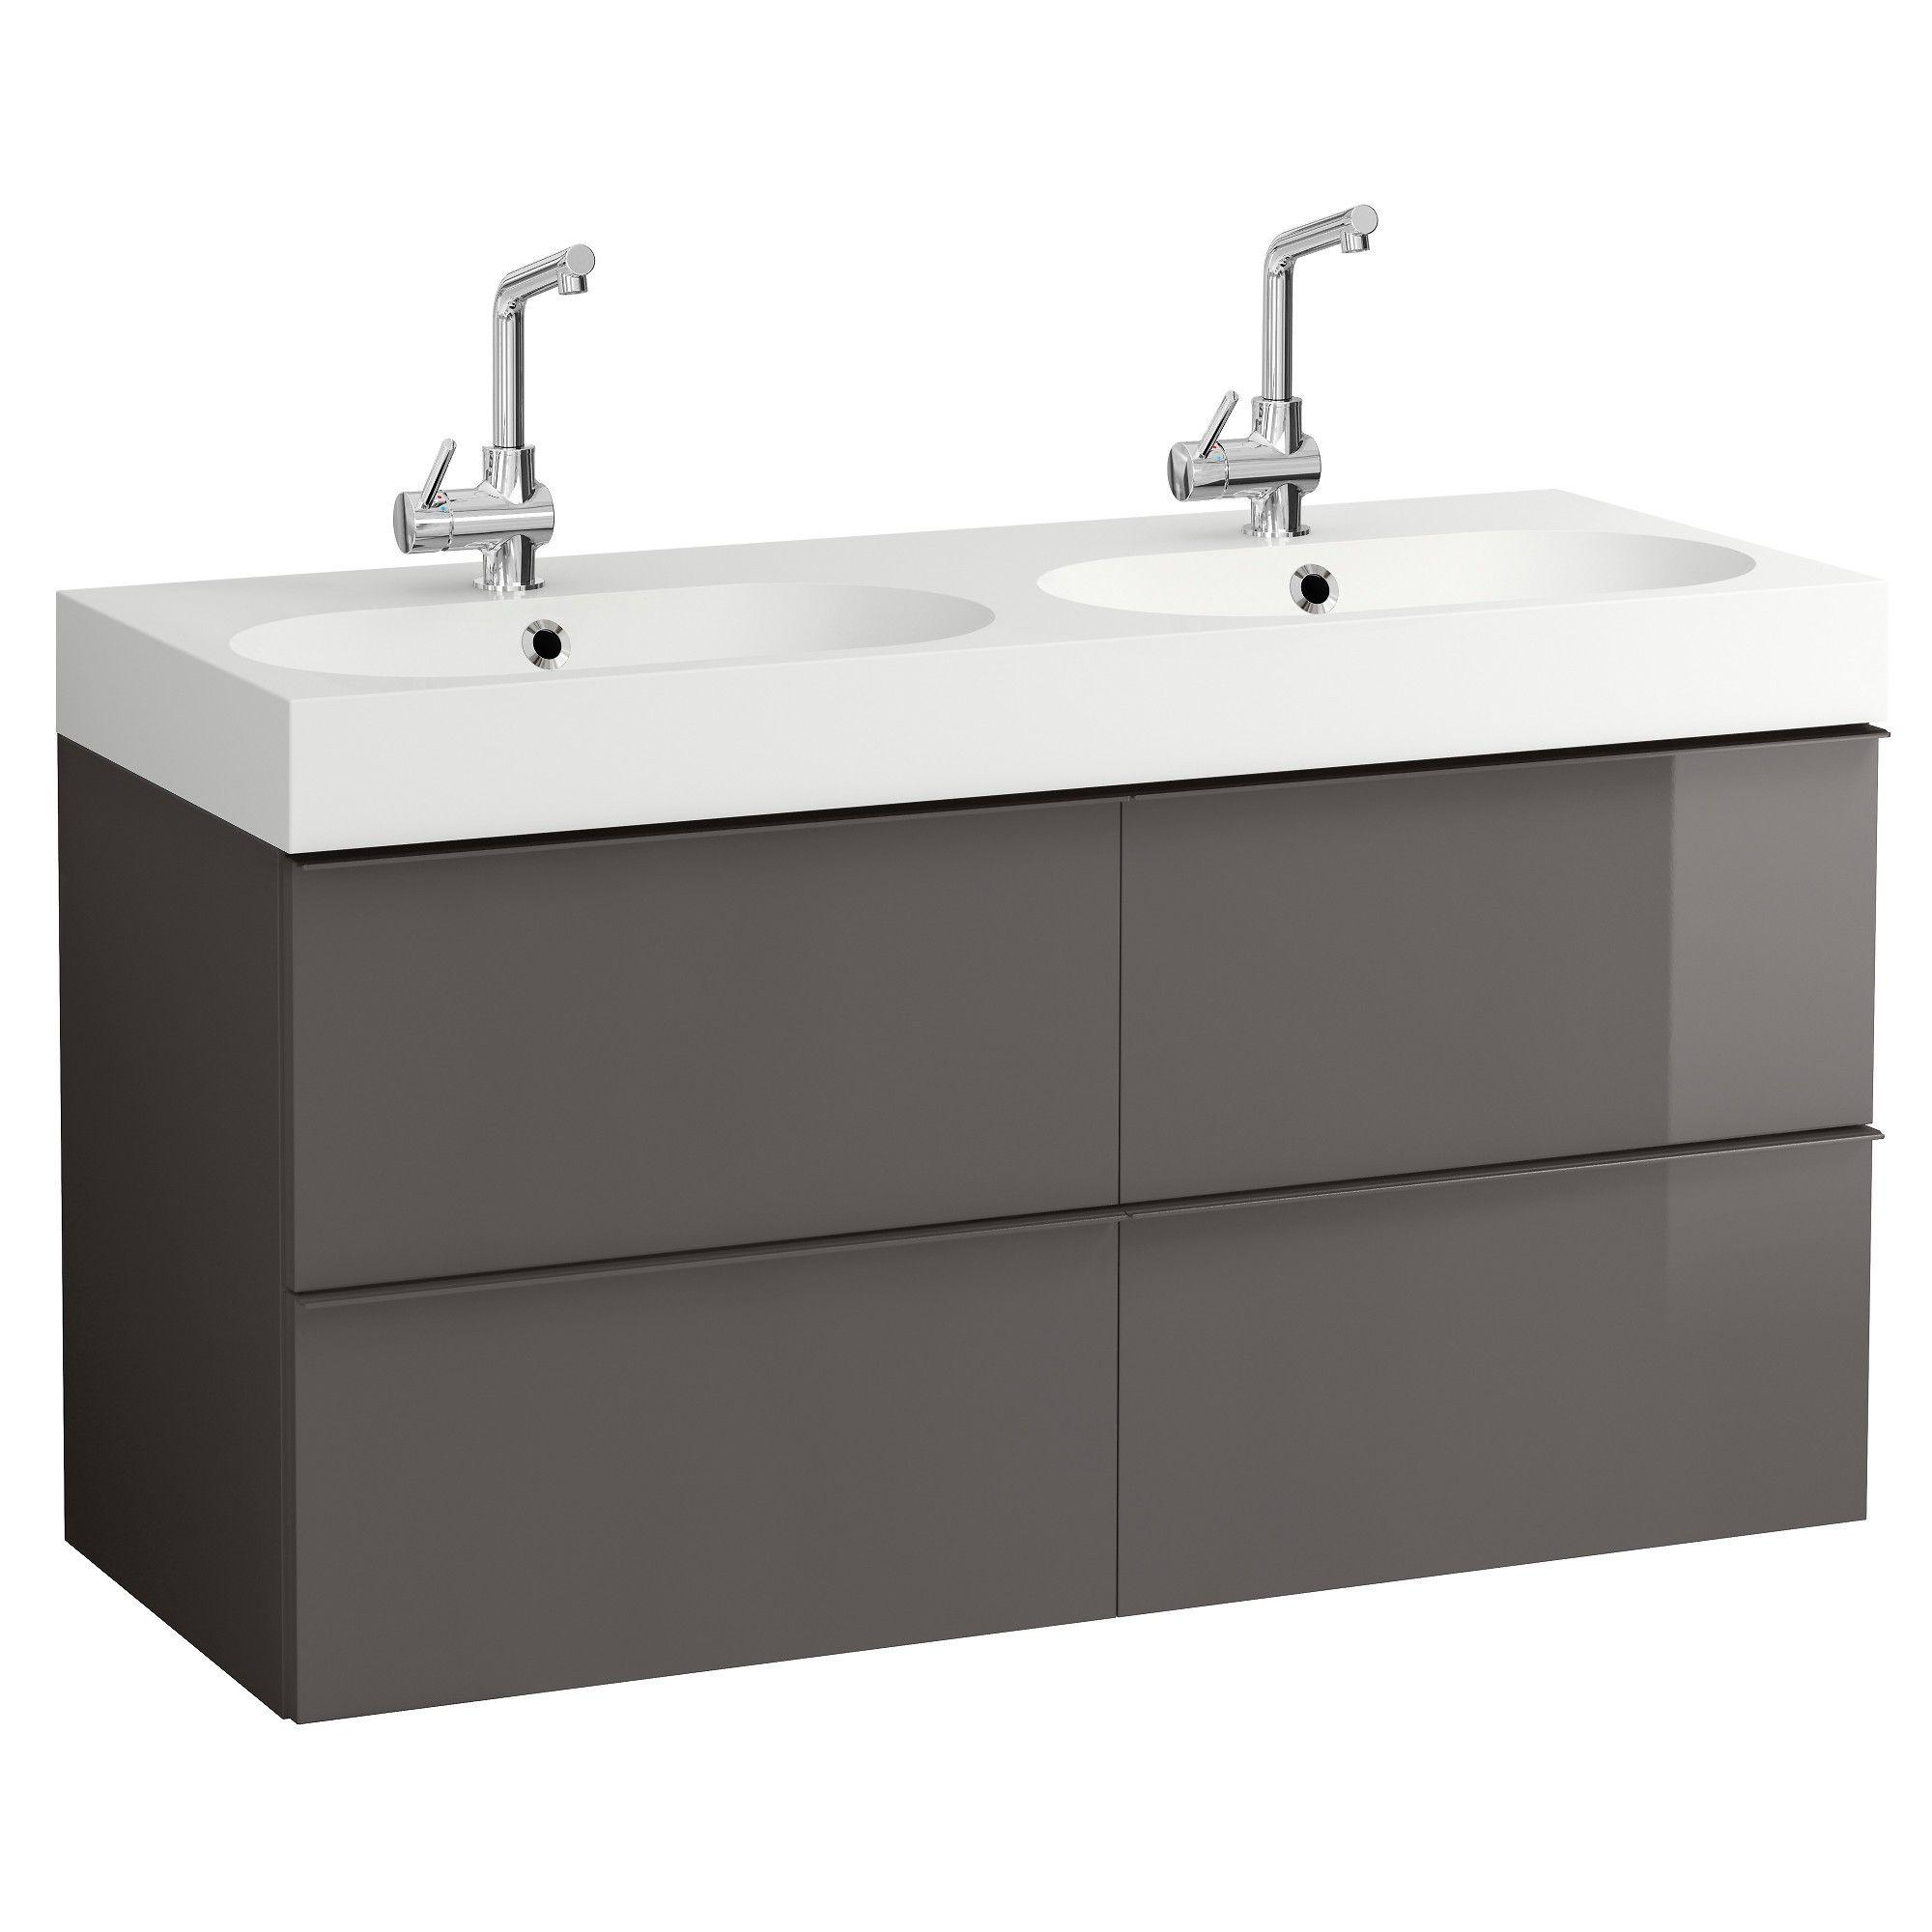 bathroom vanities countertops ikea from ikea bathroom on ikea bathroom vanities id=33773